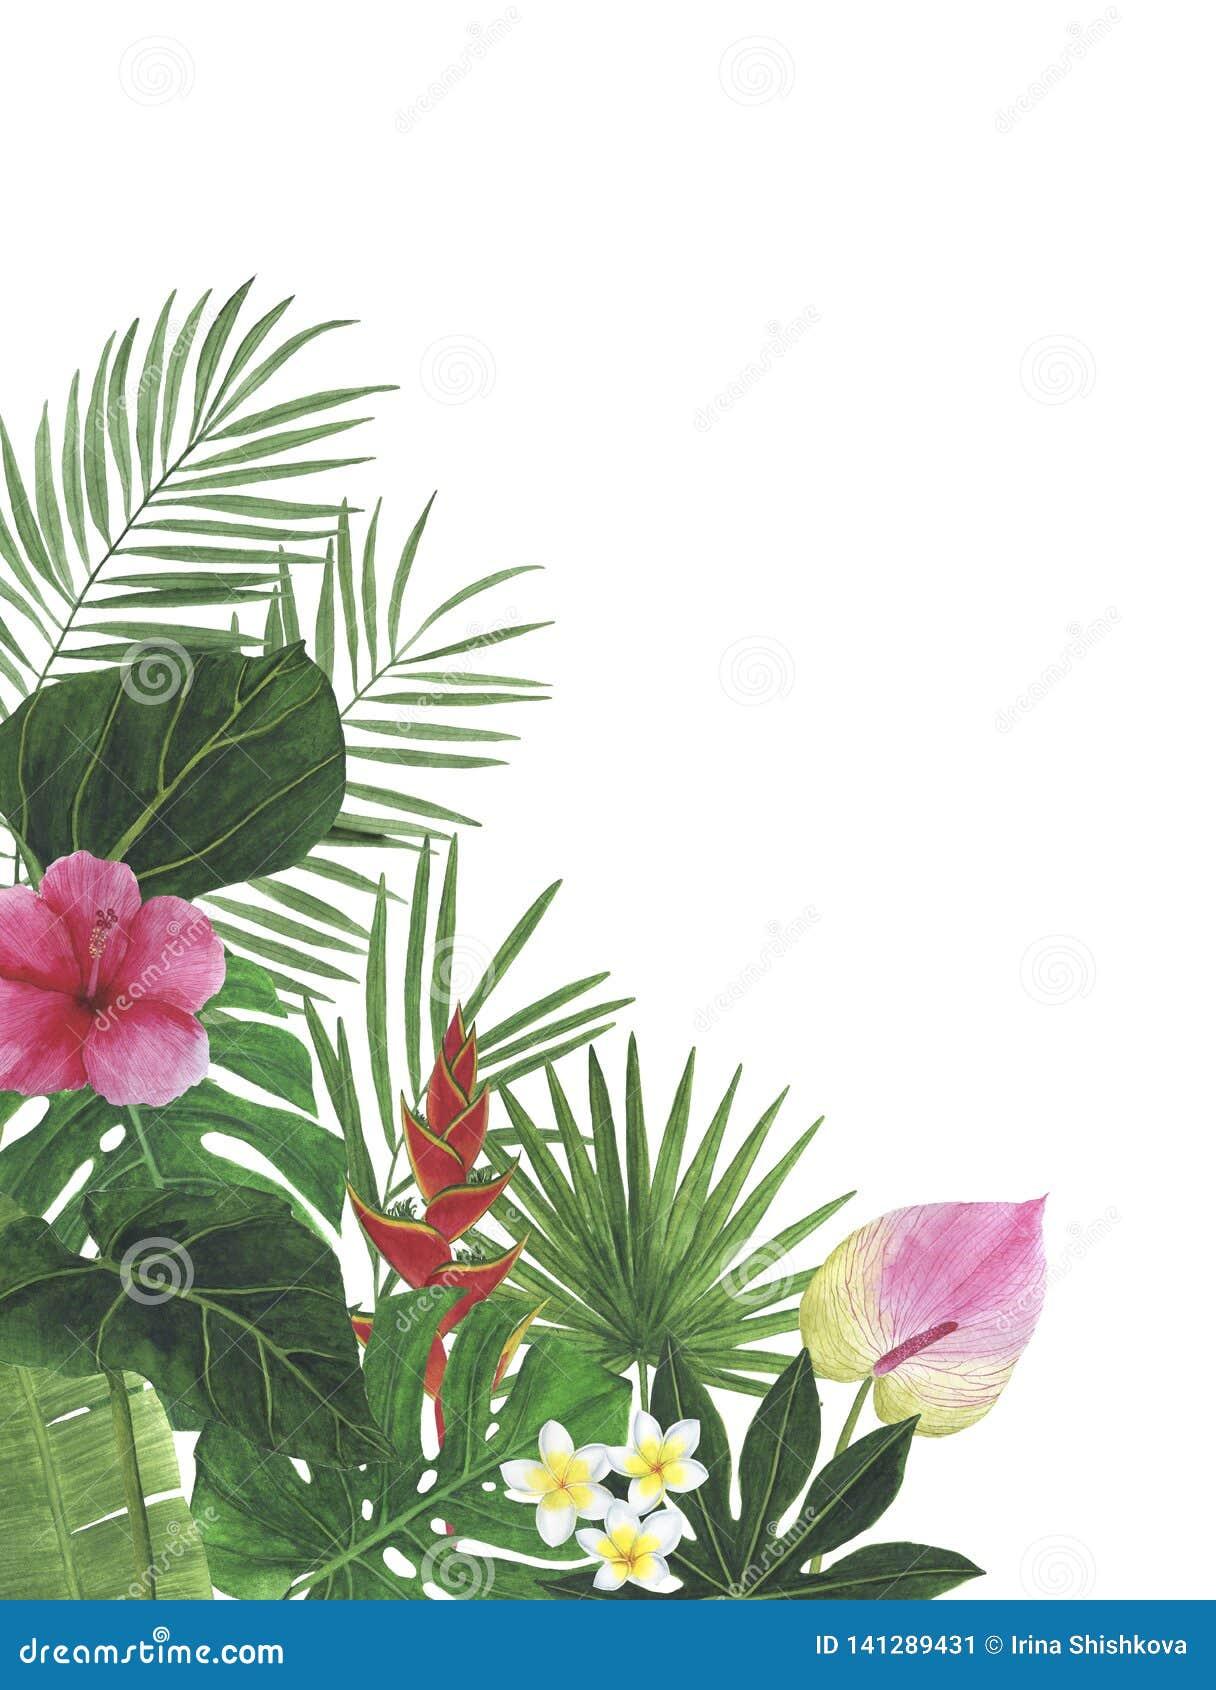 Decoration Carte Postale.Congratul Botanique De Décoration De Conception D Invitation